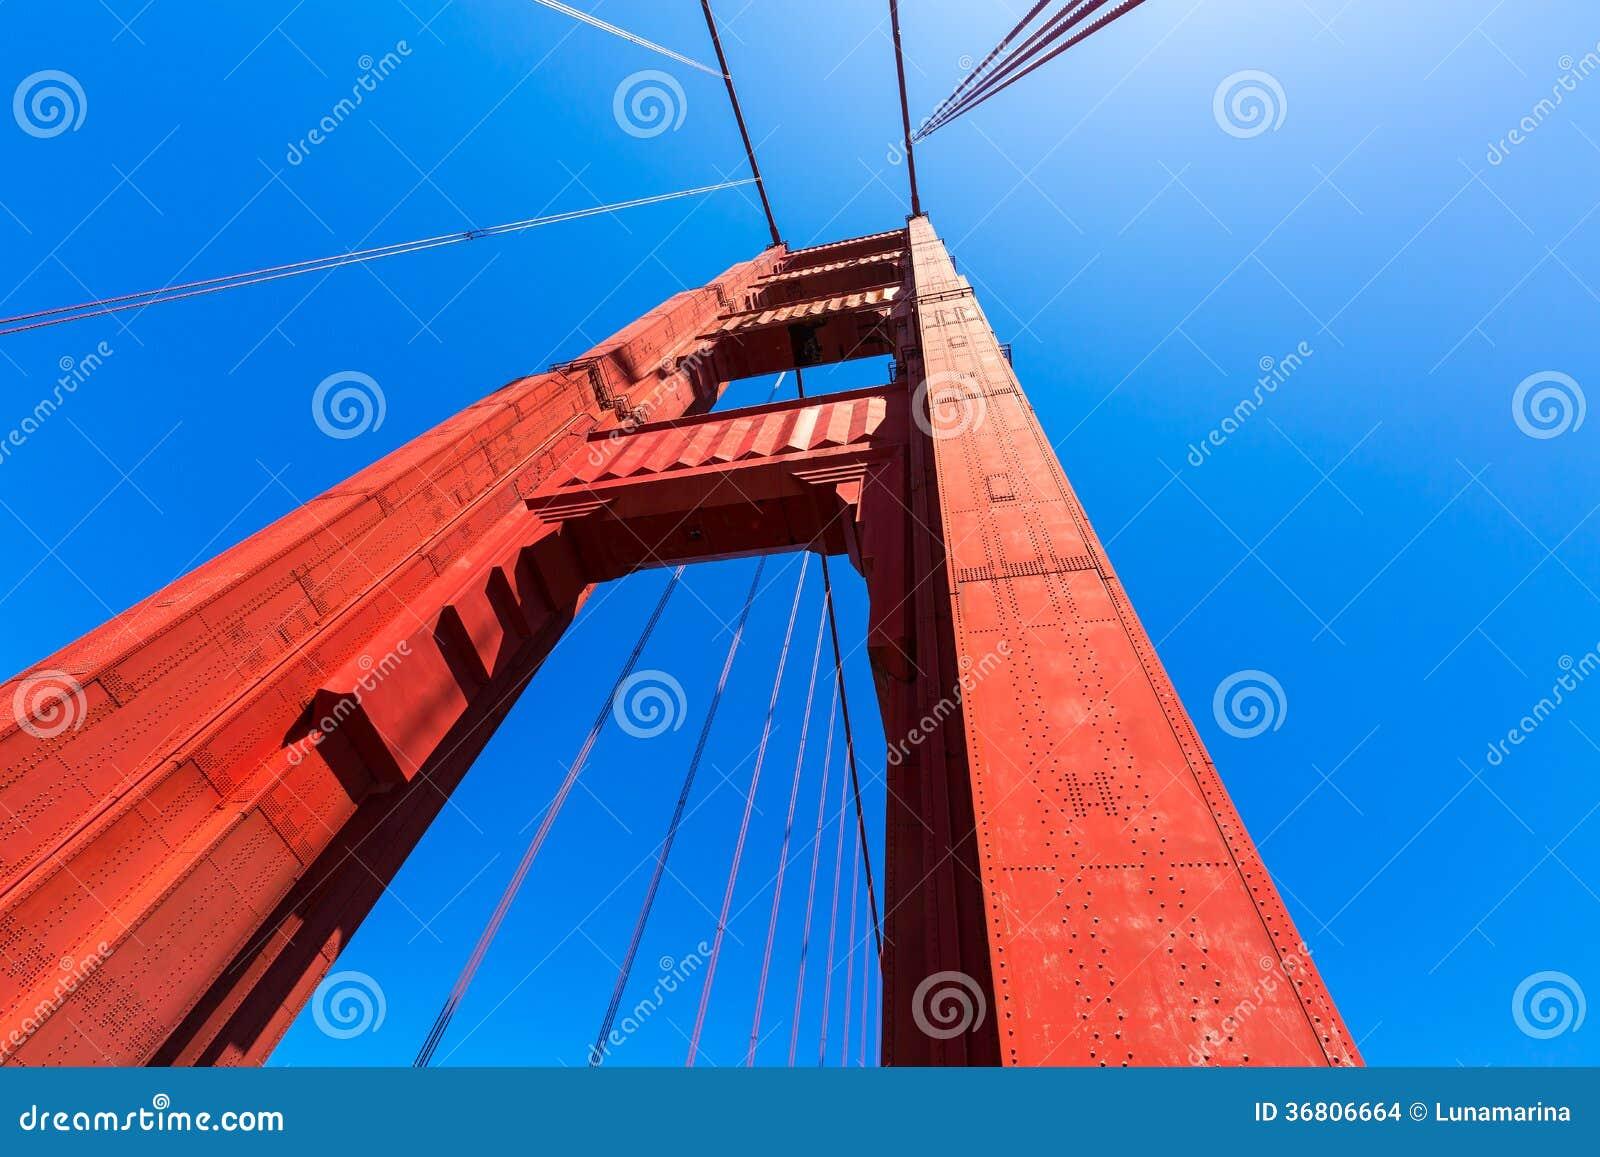 Golden Gate Bridge details in San Francisco California